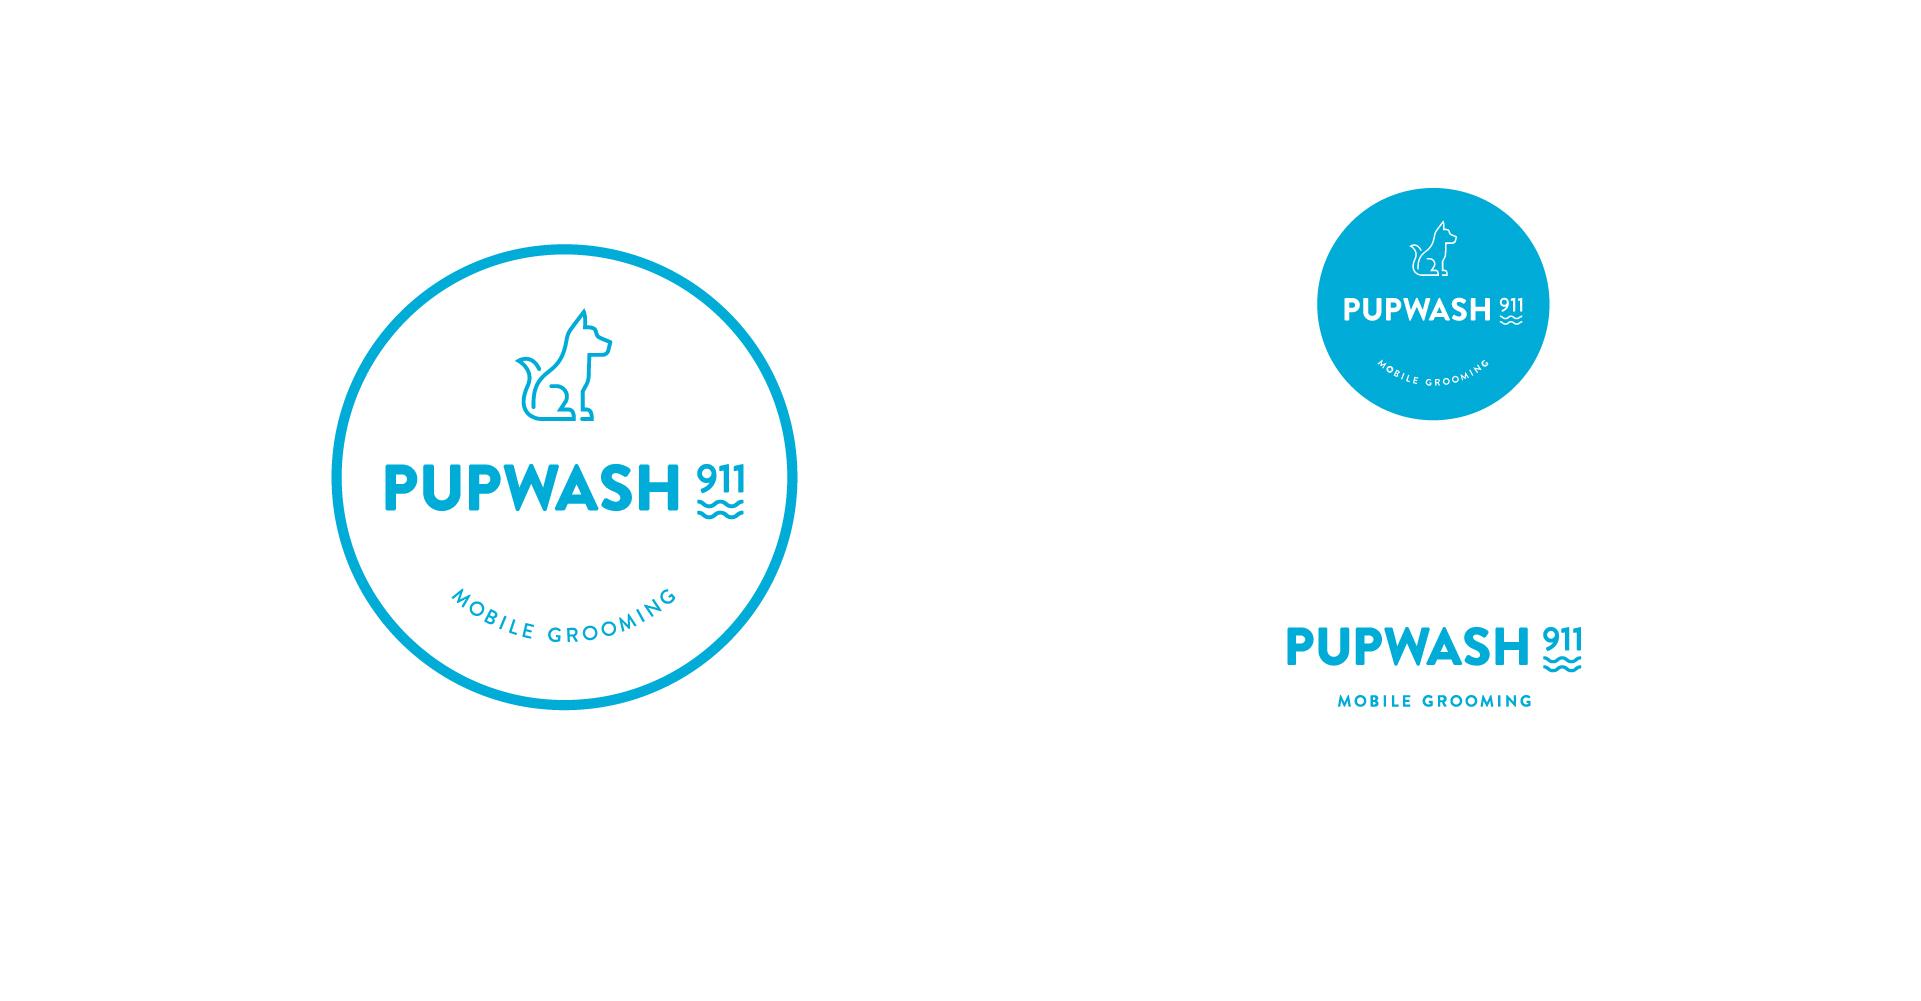 SimplyJoyStudio_Logos_Pupwash911.jpg